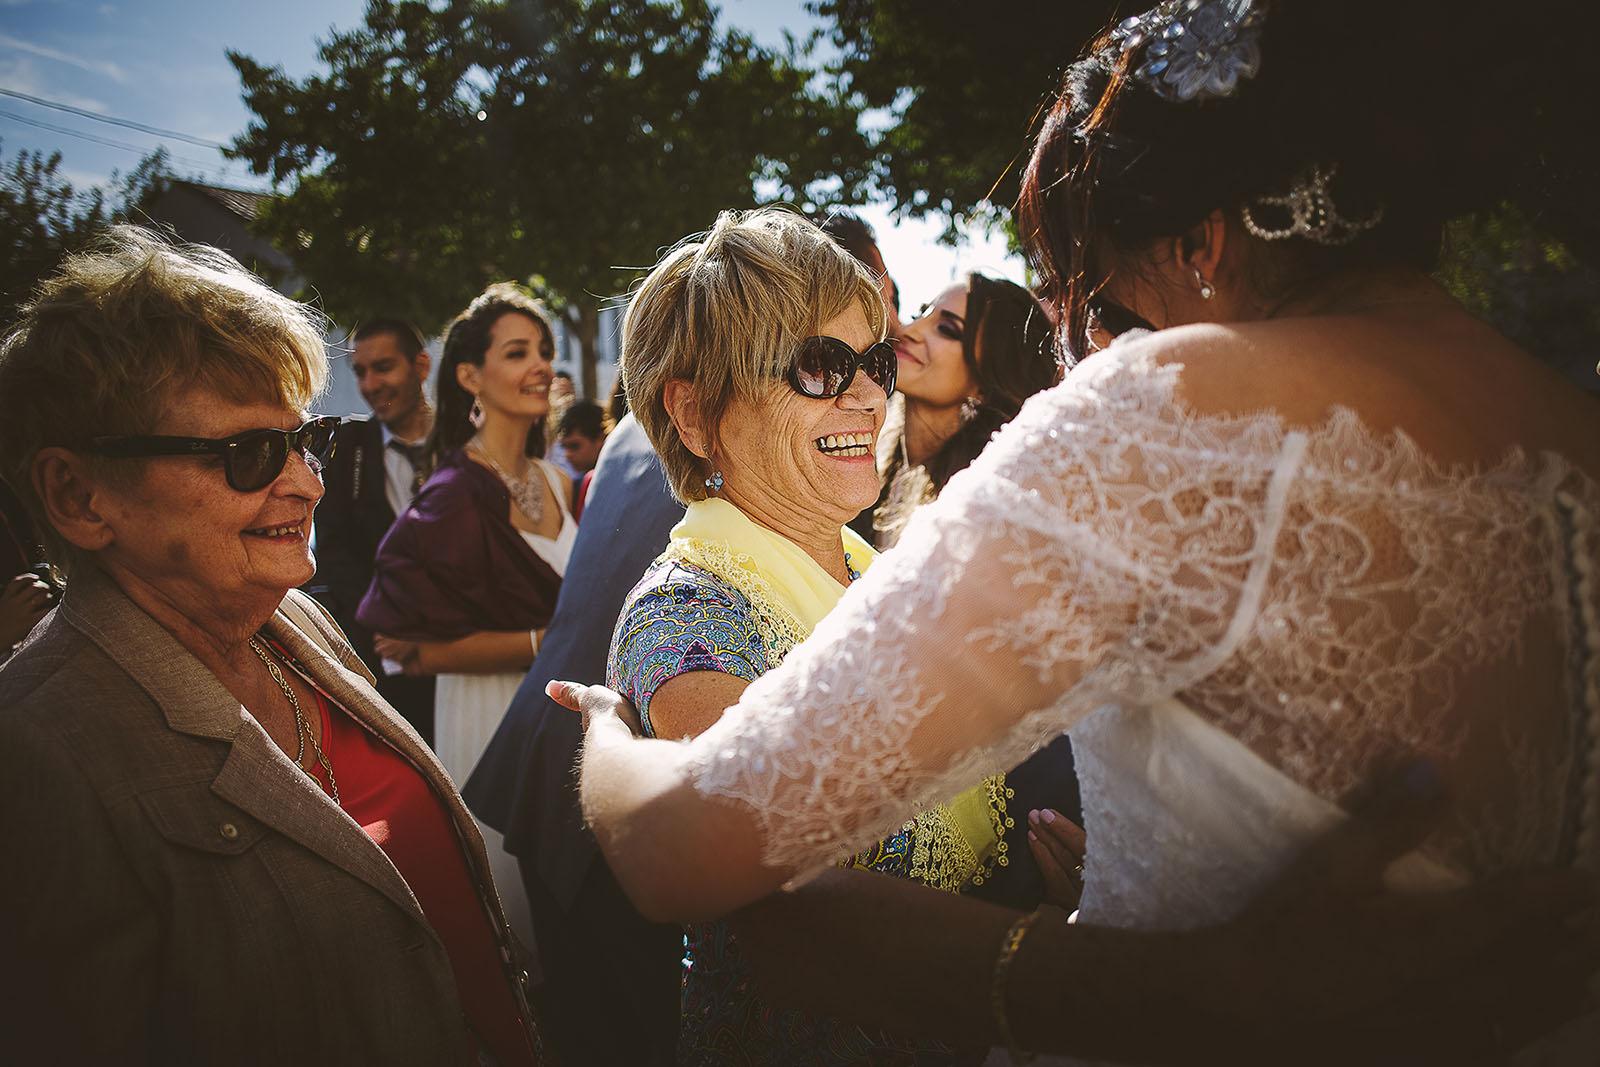 Mariage Villa Quélude David Pommier photographe de mariage. Embrassades à la sortie de l'église